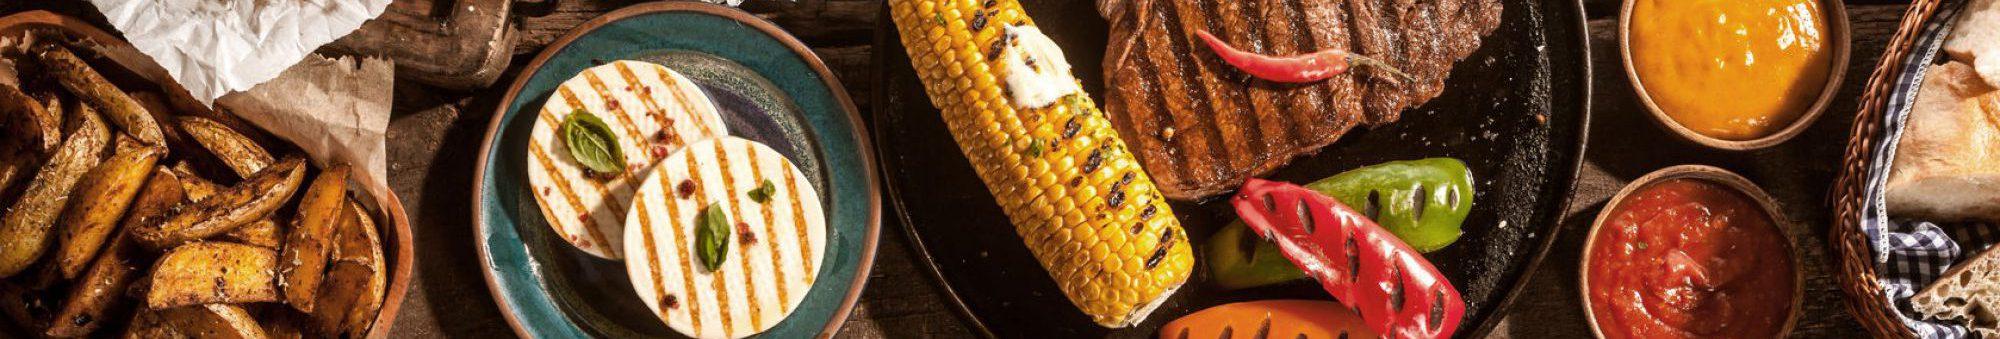 Grillen und Kochen – alles was schmeckt!